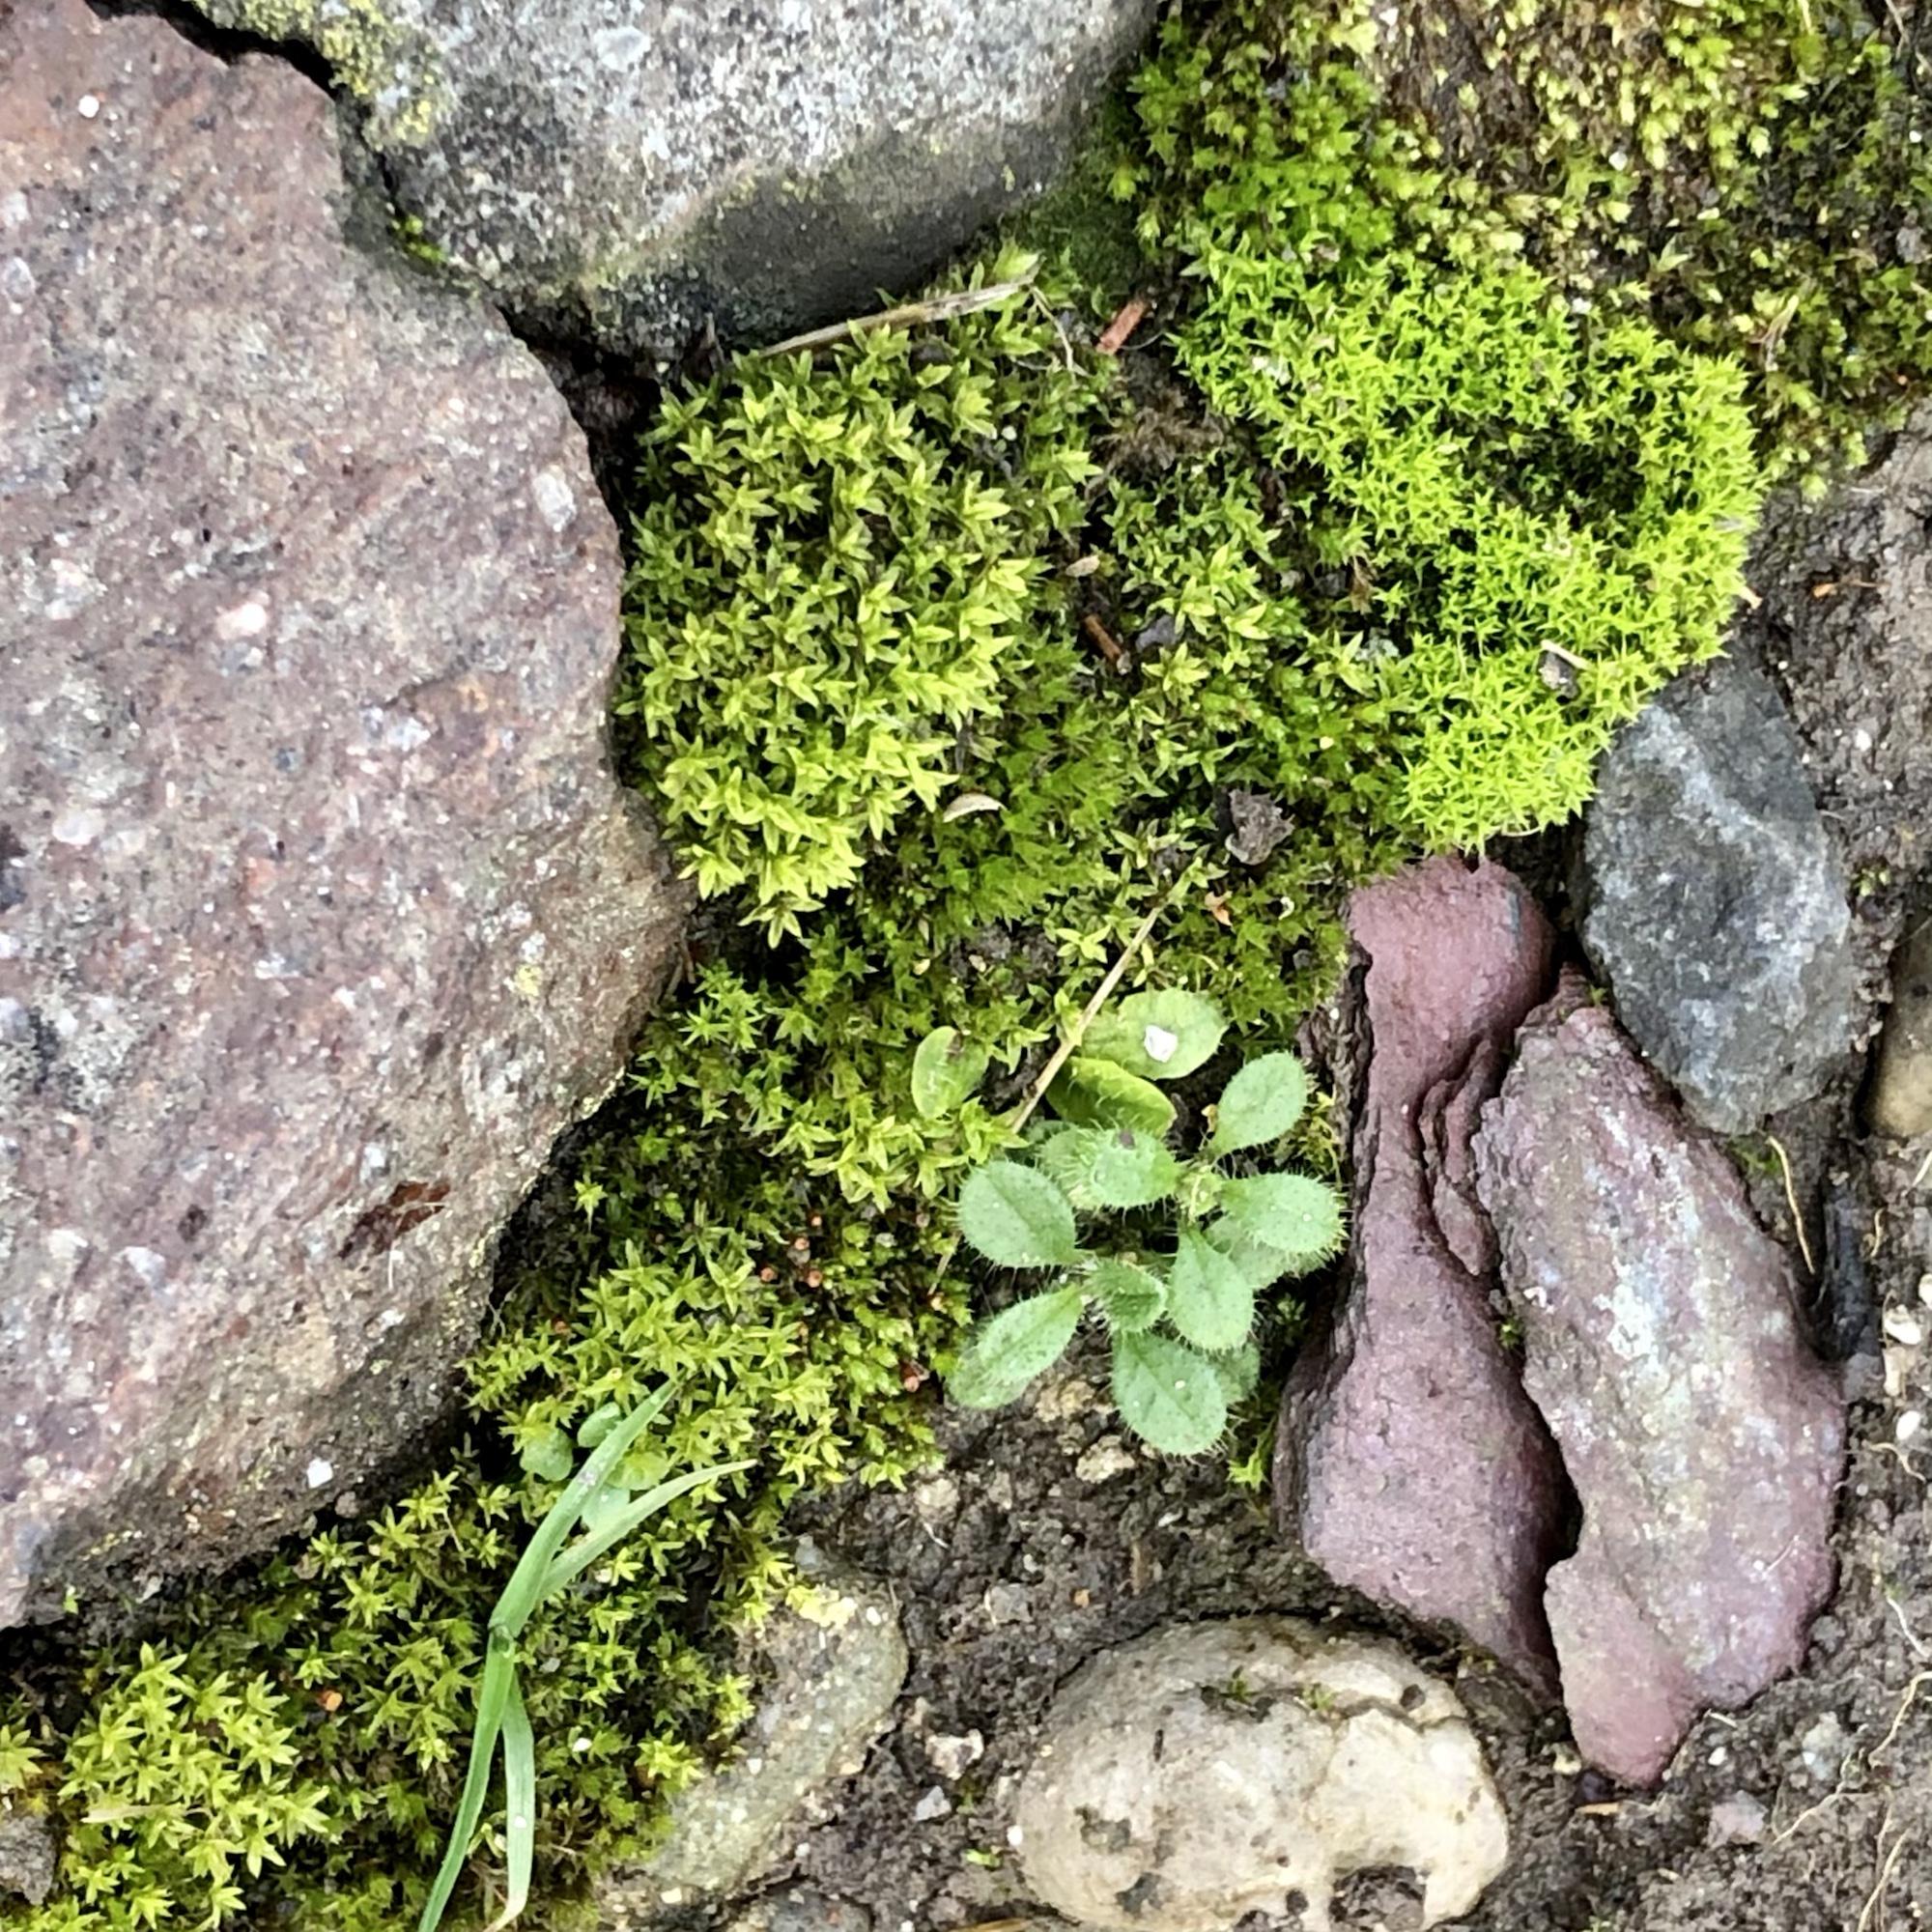 Boden von oben. Steine in rot und hell und dunkelgrau mit Moos, einem Gras und einer kleinen Pflanze mit erst wenigen Blättern.